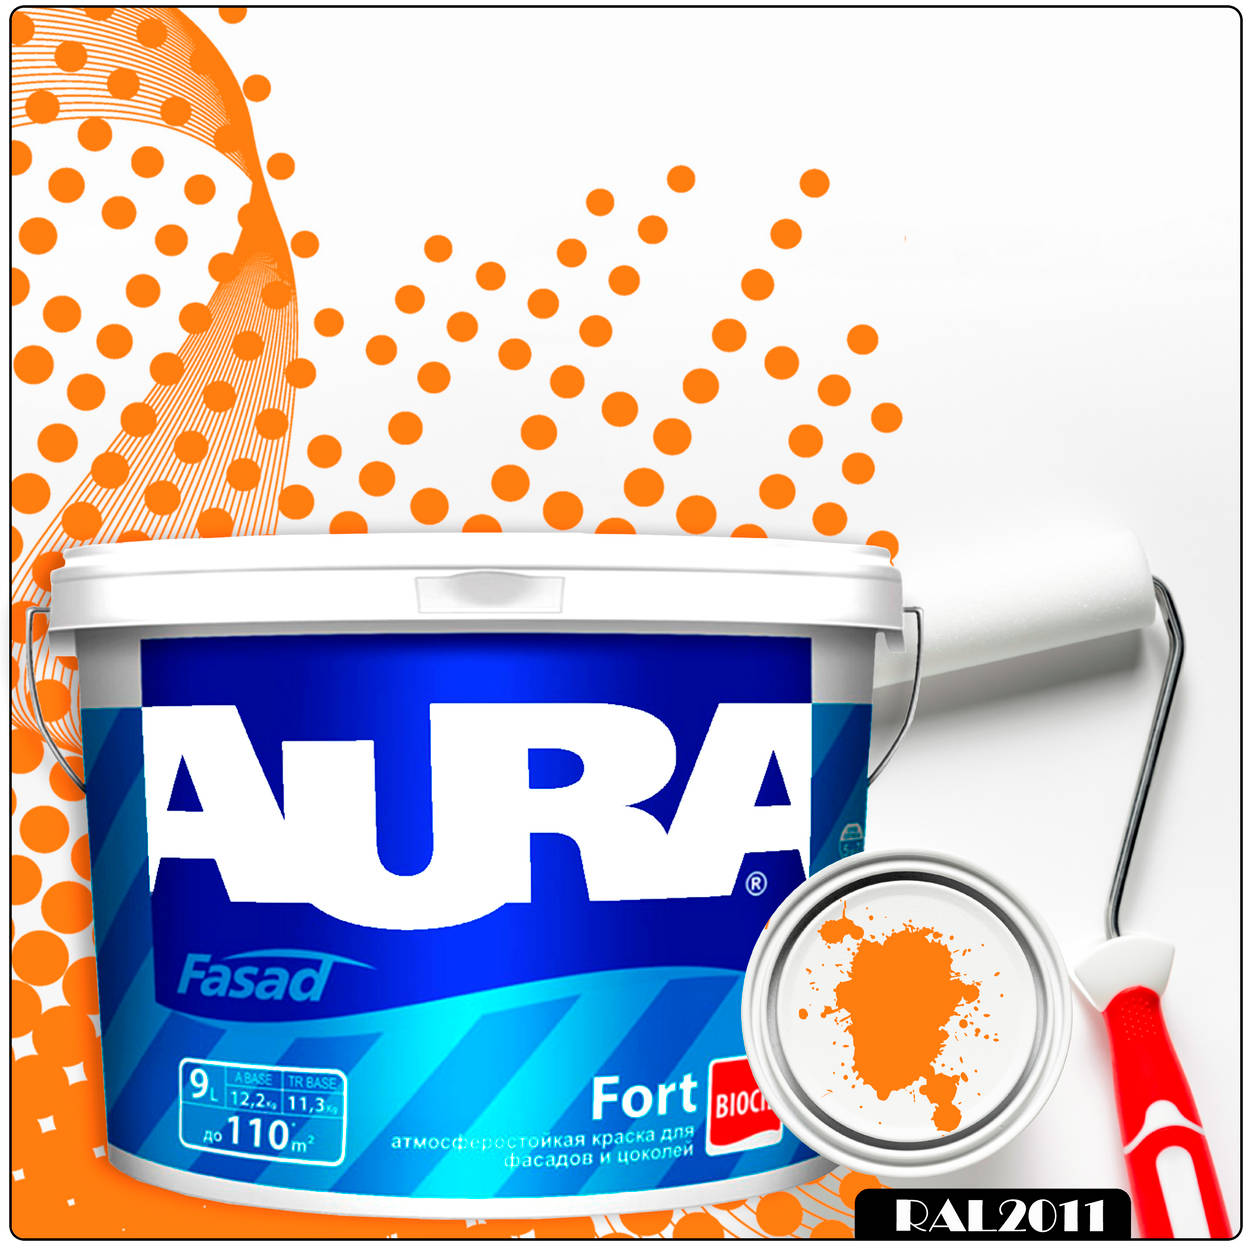 Фото 9 - Краска Aura Fasad Fort, RAL 2011 Насыщенный-оранжевый, латексная, матовая, для фасада и цоколей, 9л, Аура.